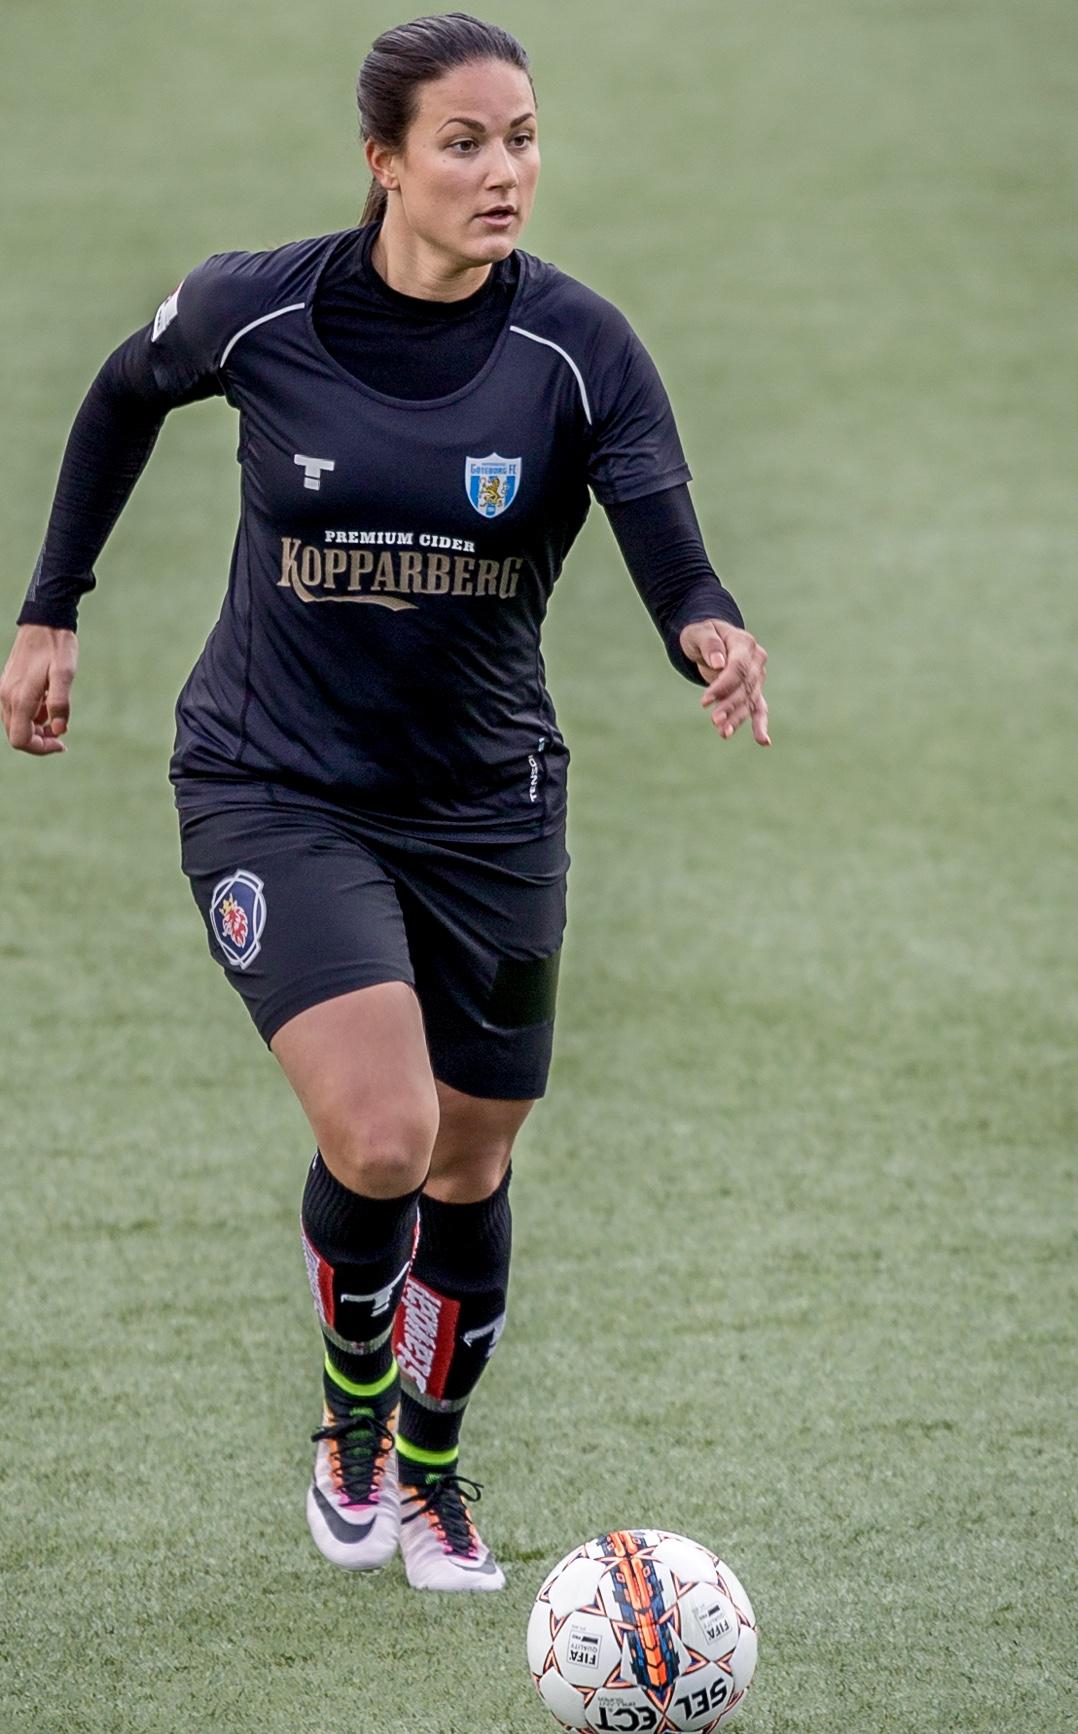 Beata Kollmats har kämpat sig tillbaka efter en svår knäskada. Nu är hon  äntligen redo 3cec43a64ffcd